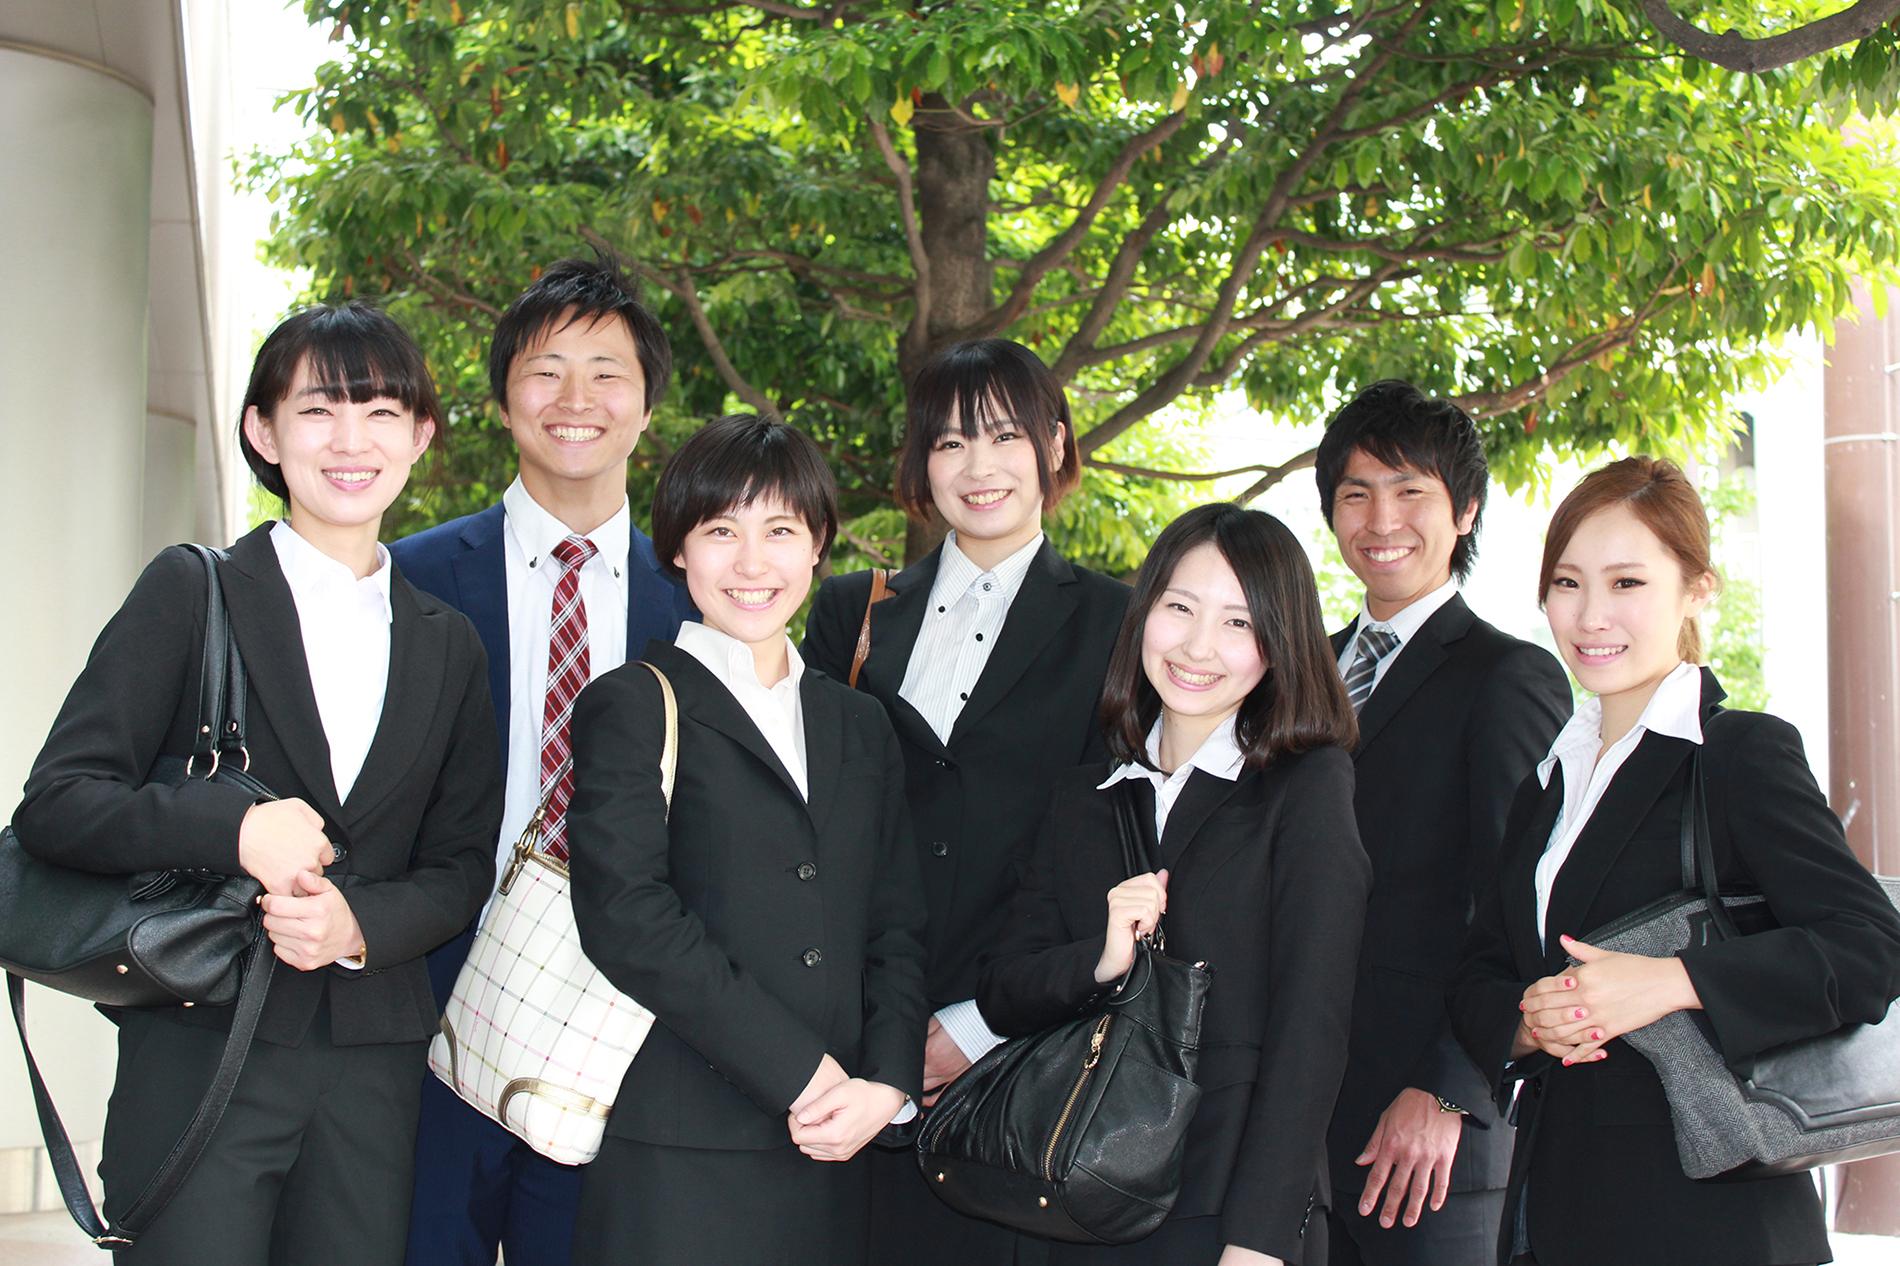 <飯田橋駅徒歩5分>中国語通訳のお仕事を取り扱っている会社です。東京でお仕事しましょう!